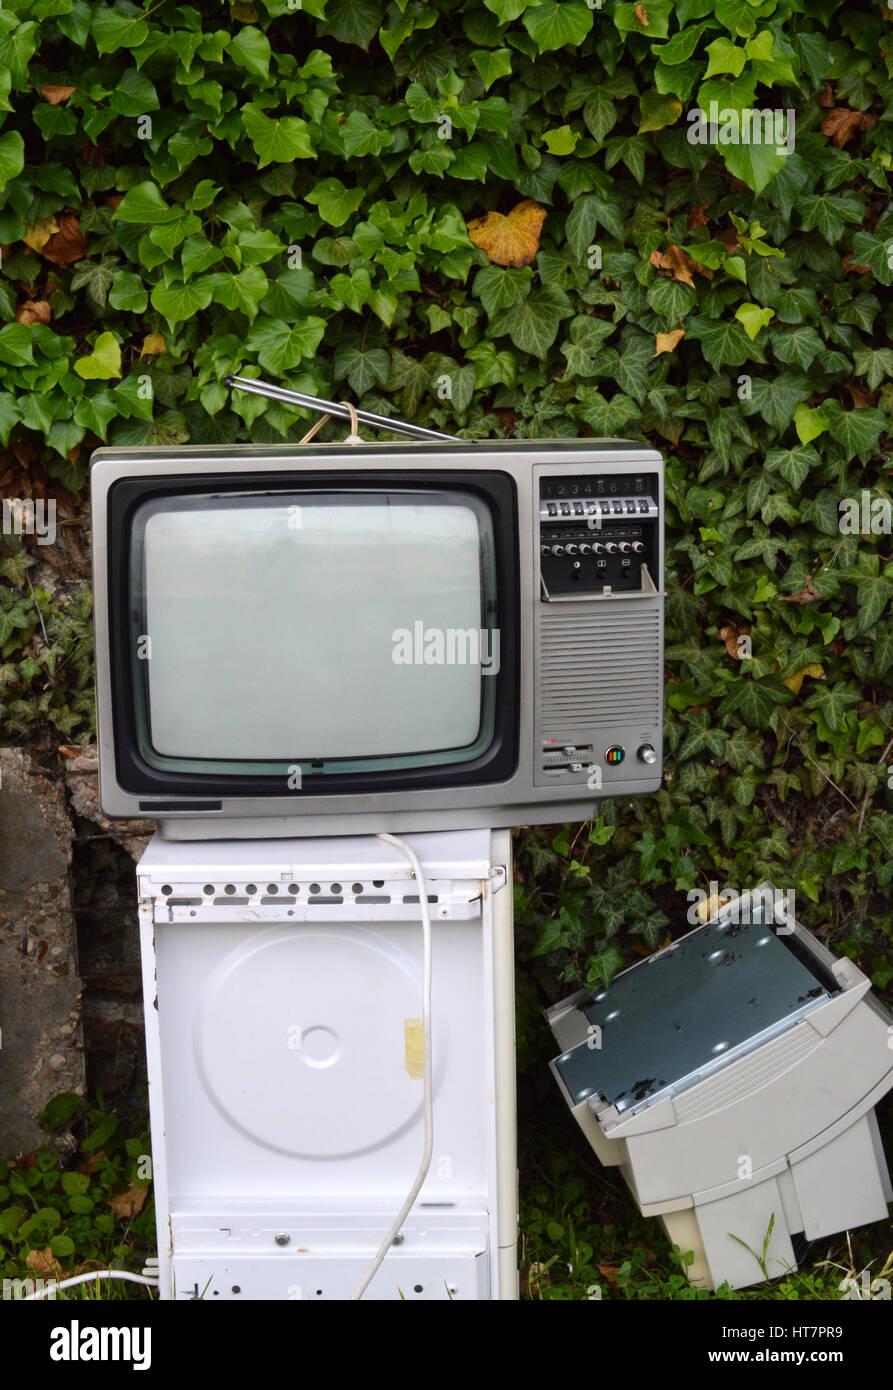 Los residuos electrónicos vintage con TV. Imagen De Stock